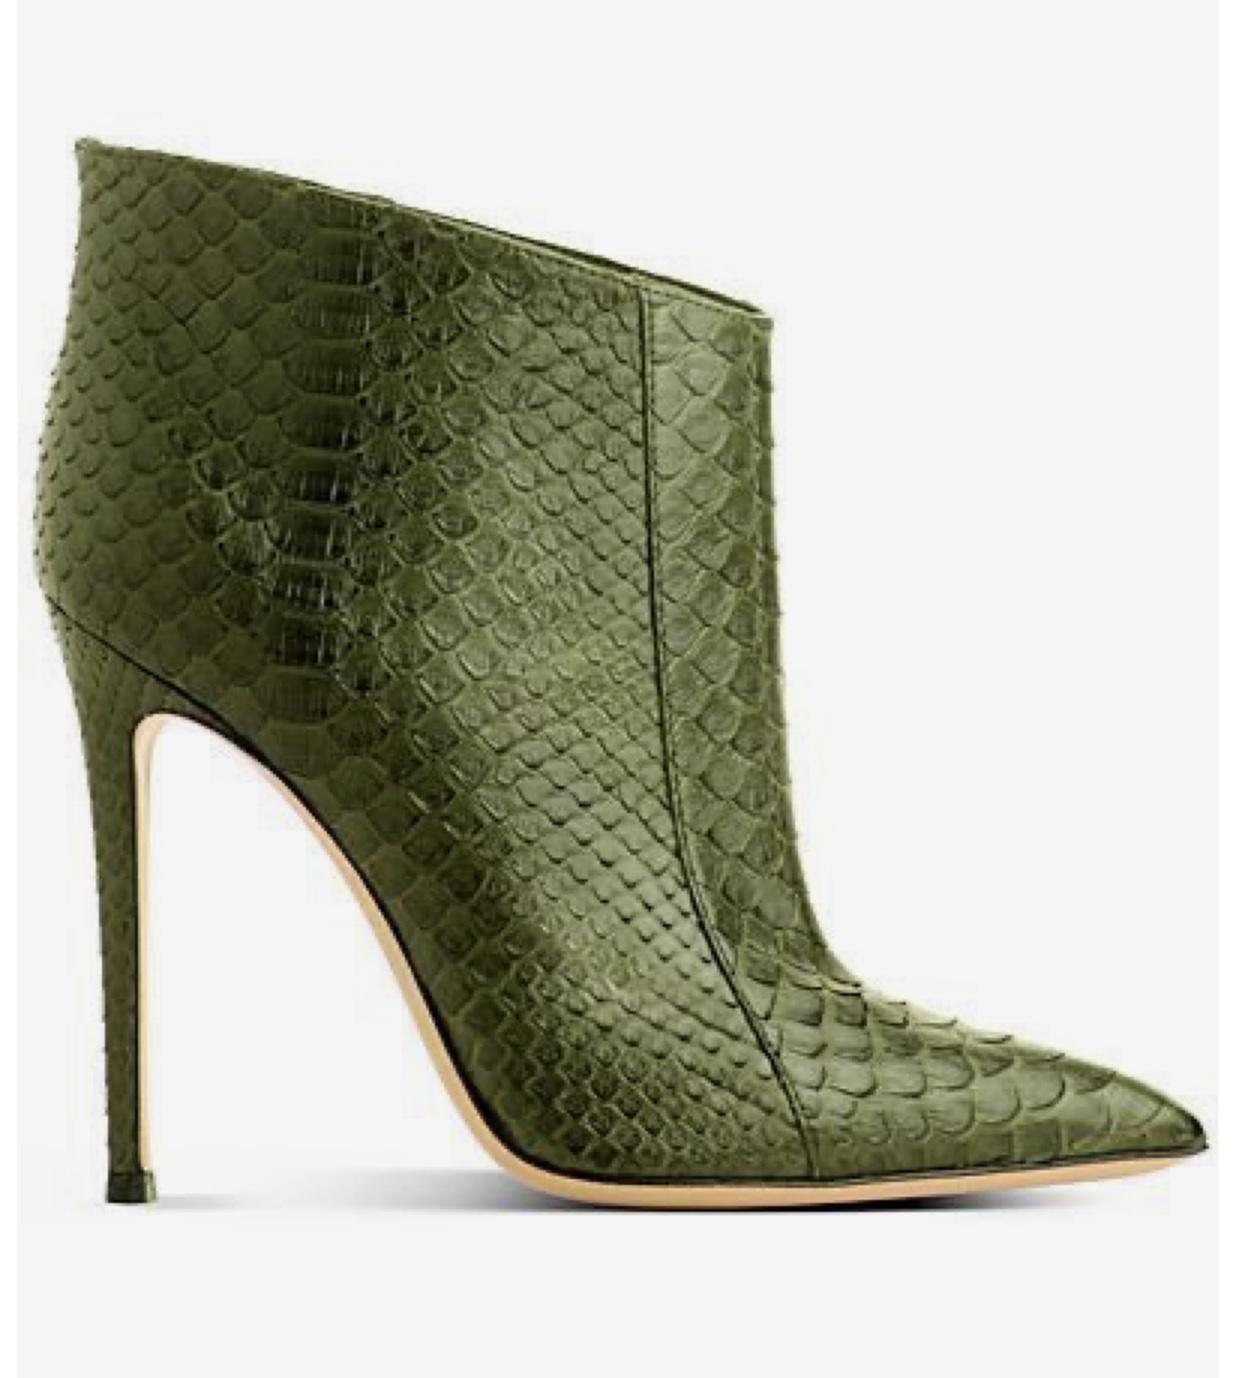 женская обувь осень-зима 2020, женская обувь, осень-зима 2020